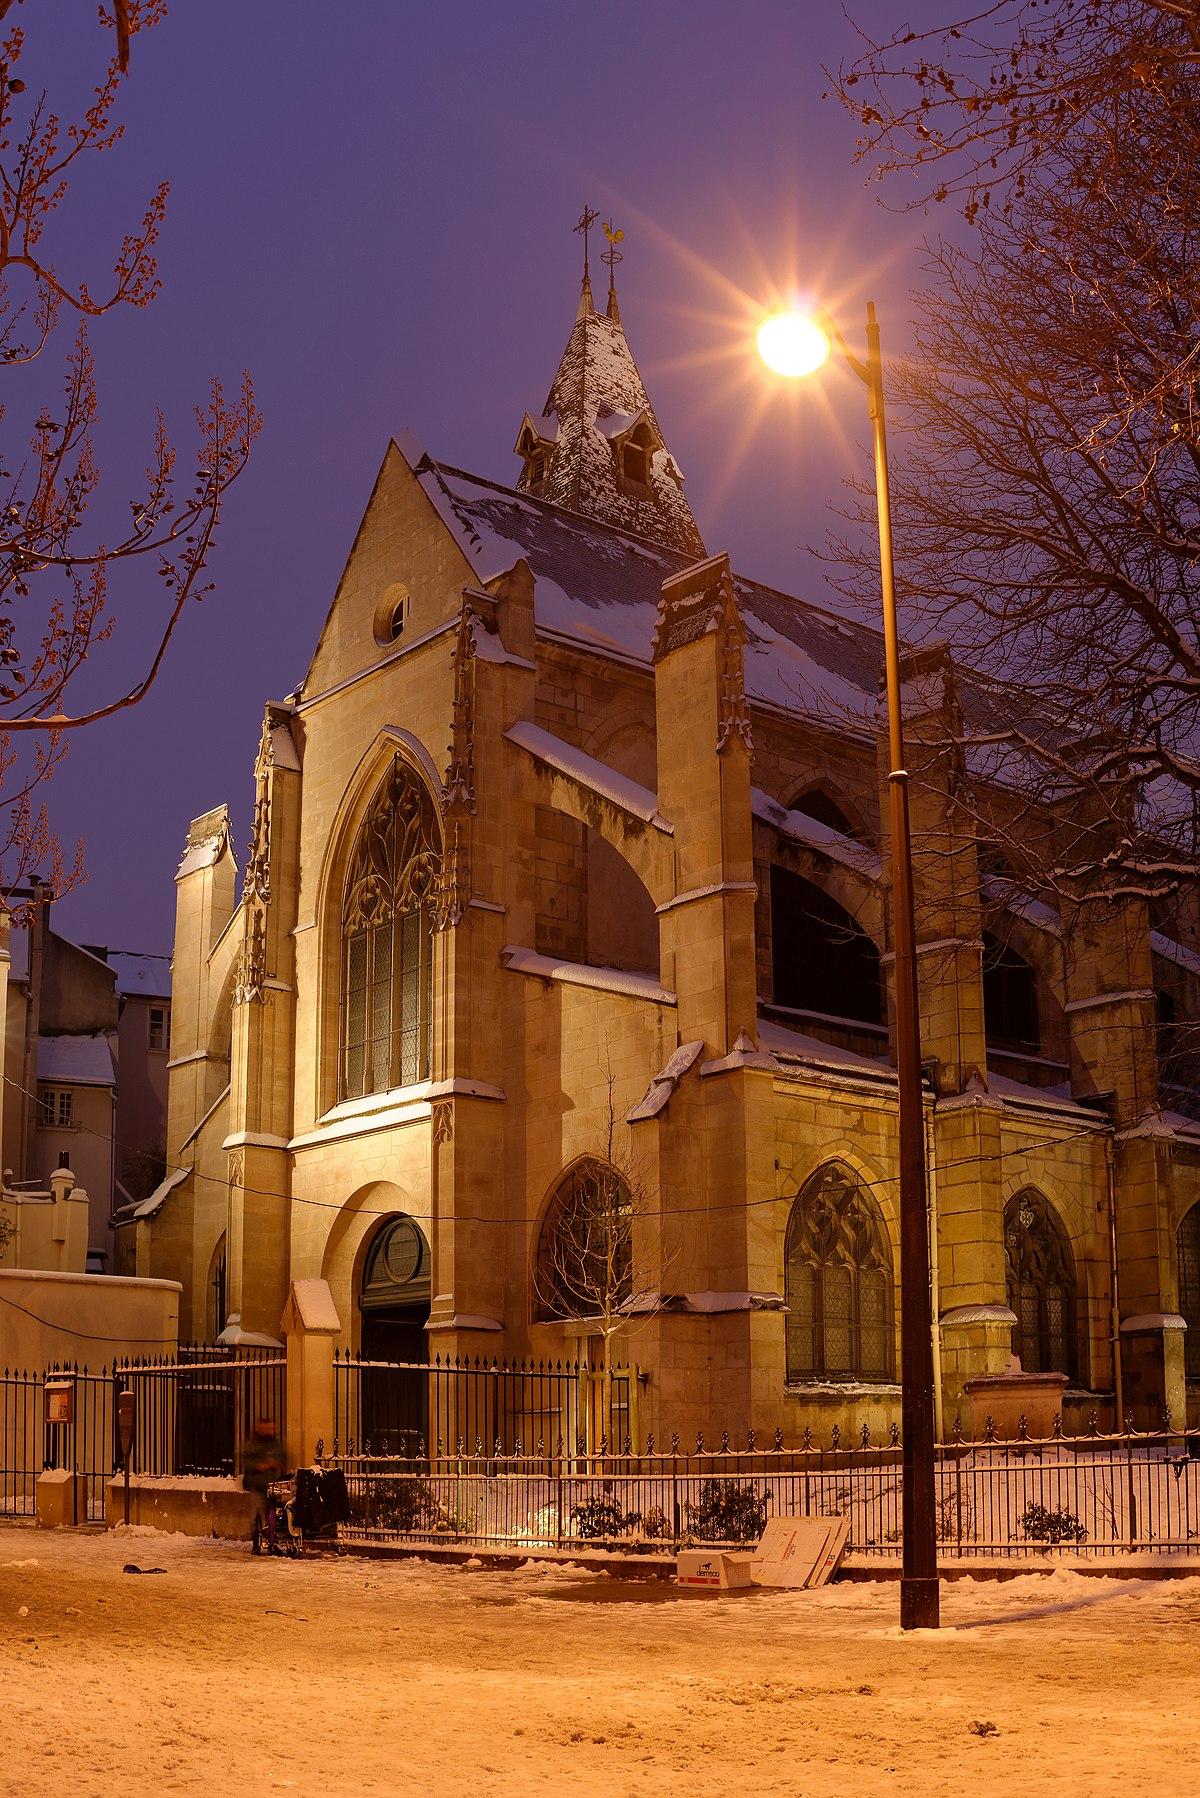 201 Glise Saint M 233 Dard De Paris Wikip 233 Dia